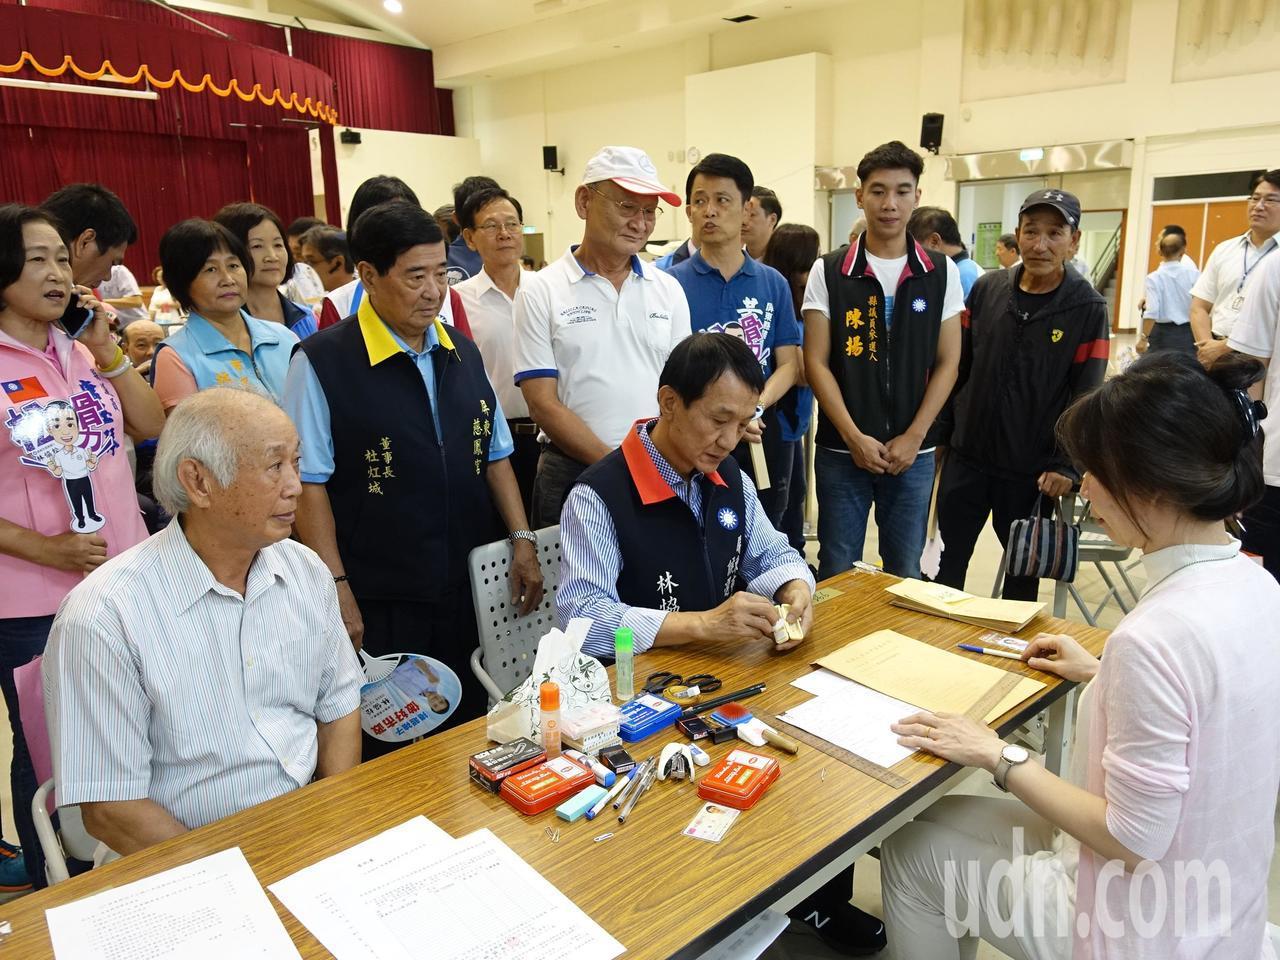 屏東縣今天總計有309人完成參選登記。記者翁禎霞/攝影